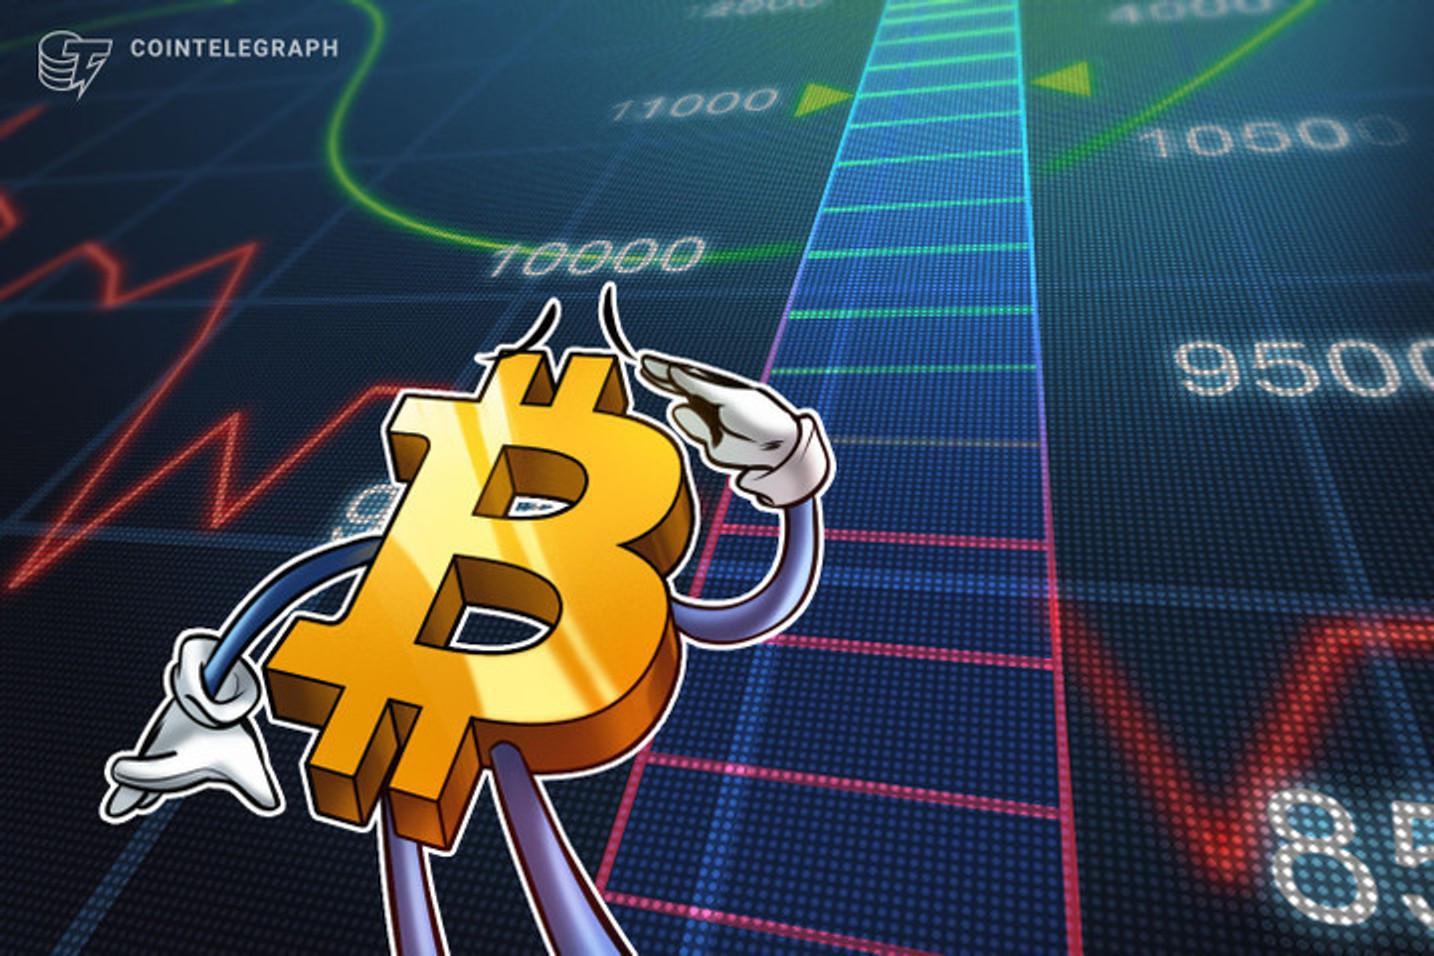 Enquanto você espera o Bitcoin subir, perde oportunidade de comprar 3 altcoins que podem bombar, diz trader